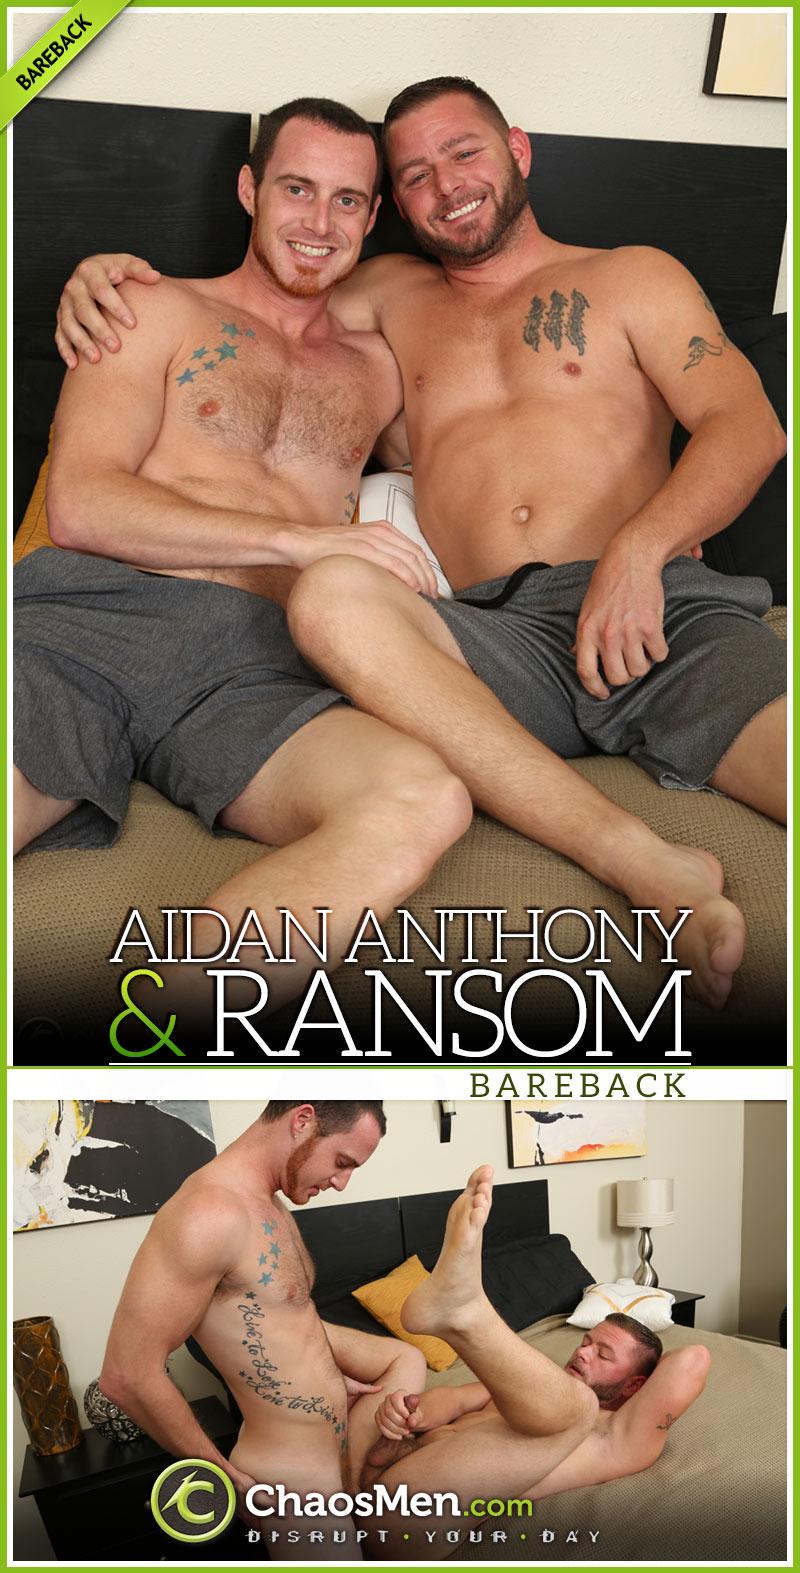 Aidan Anthony Fucks Ransom at ChaosMen